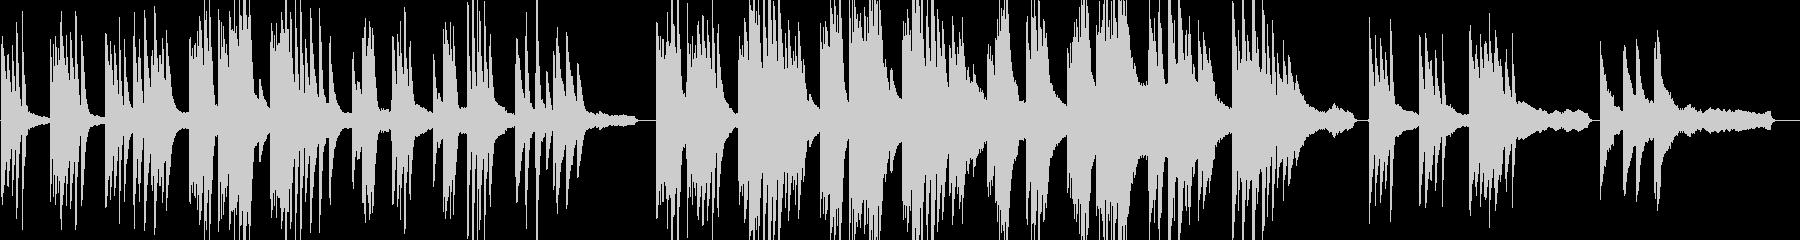 企業VP6 24bit44kHzVerの未再生の波形